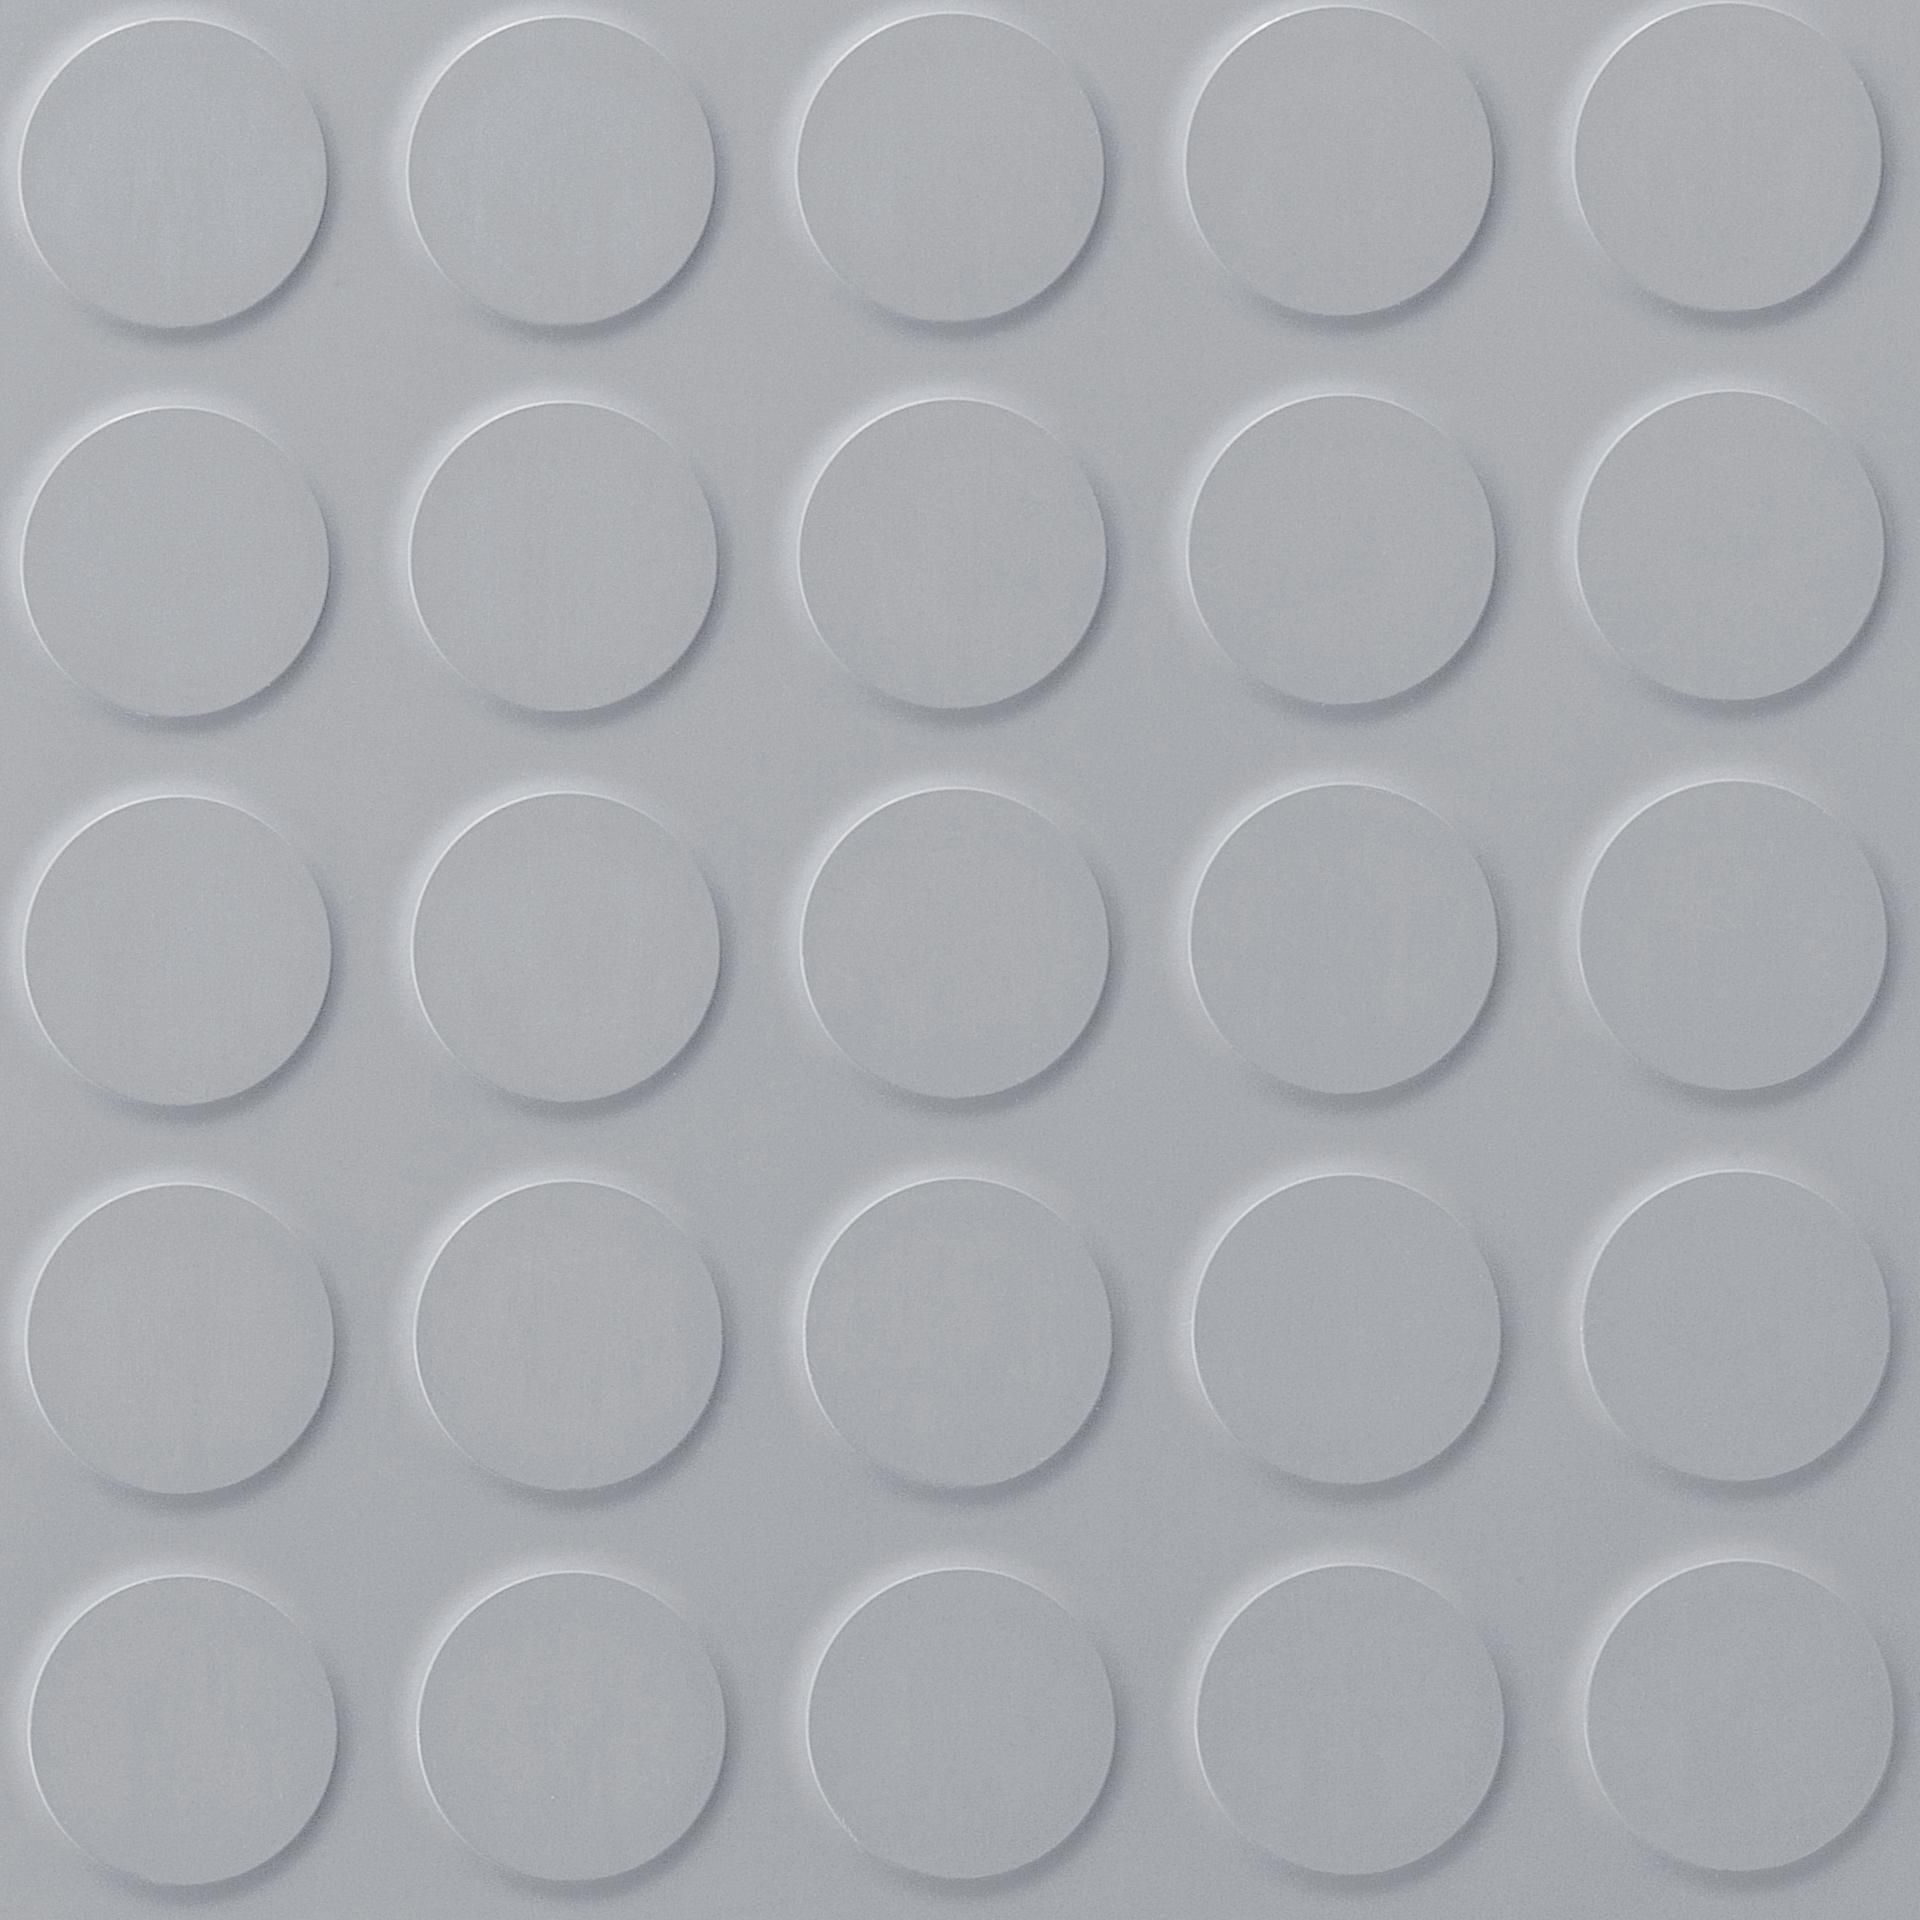 Polyflor Voyager Stud Tile 1033